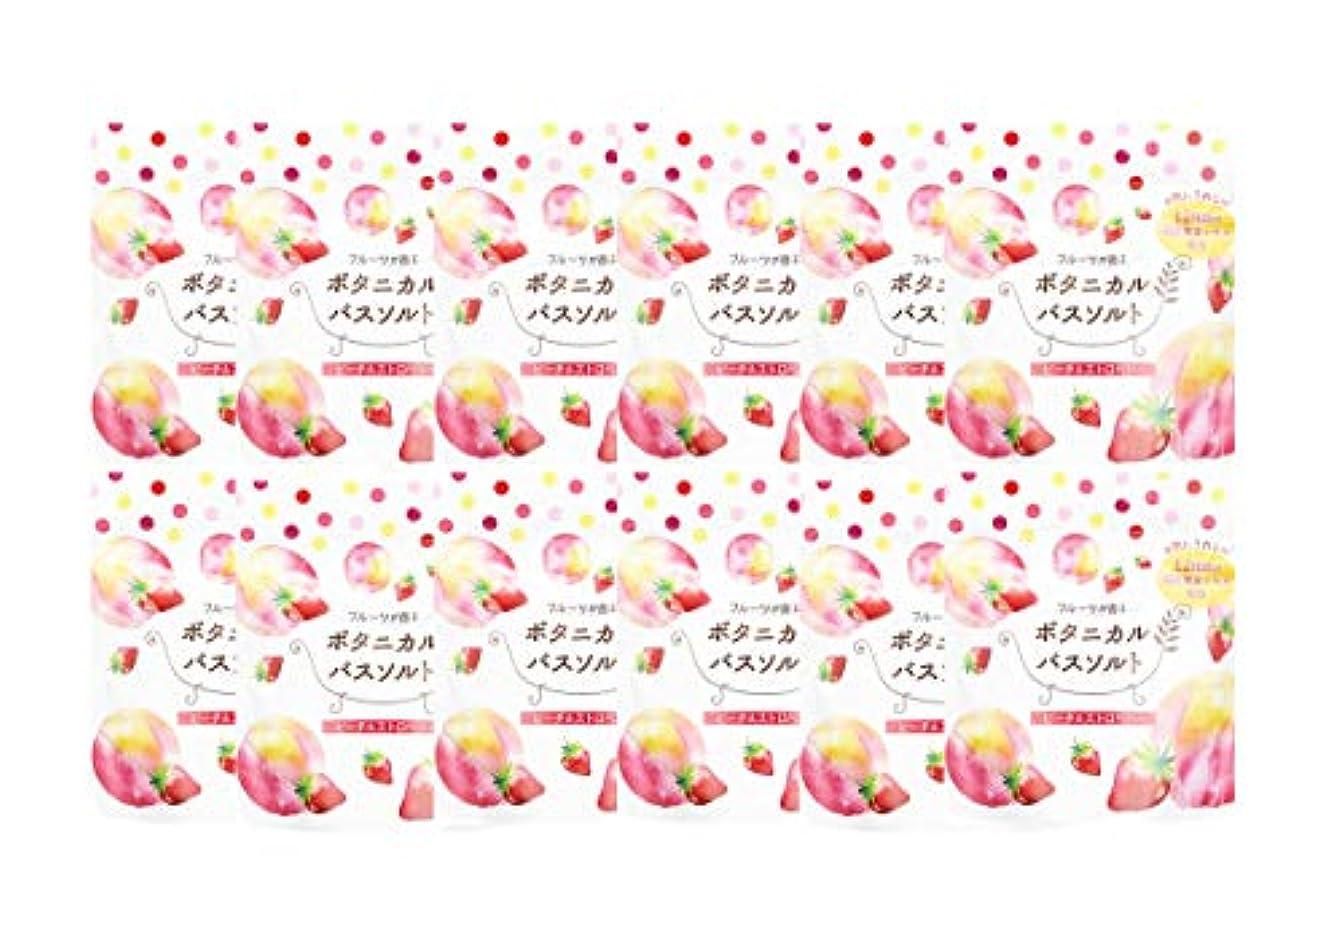 反対した社会学薄いです松田医薬品 フルーツが香るボタニカルバスソルト ピーチ&ストロベリー 30g 12個セット